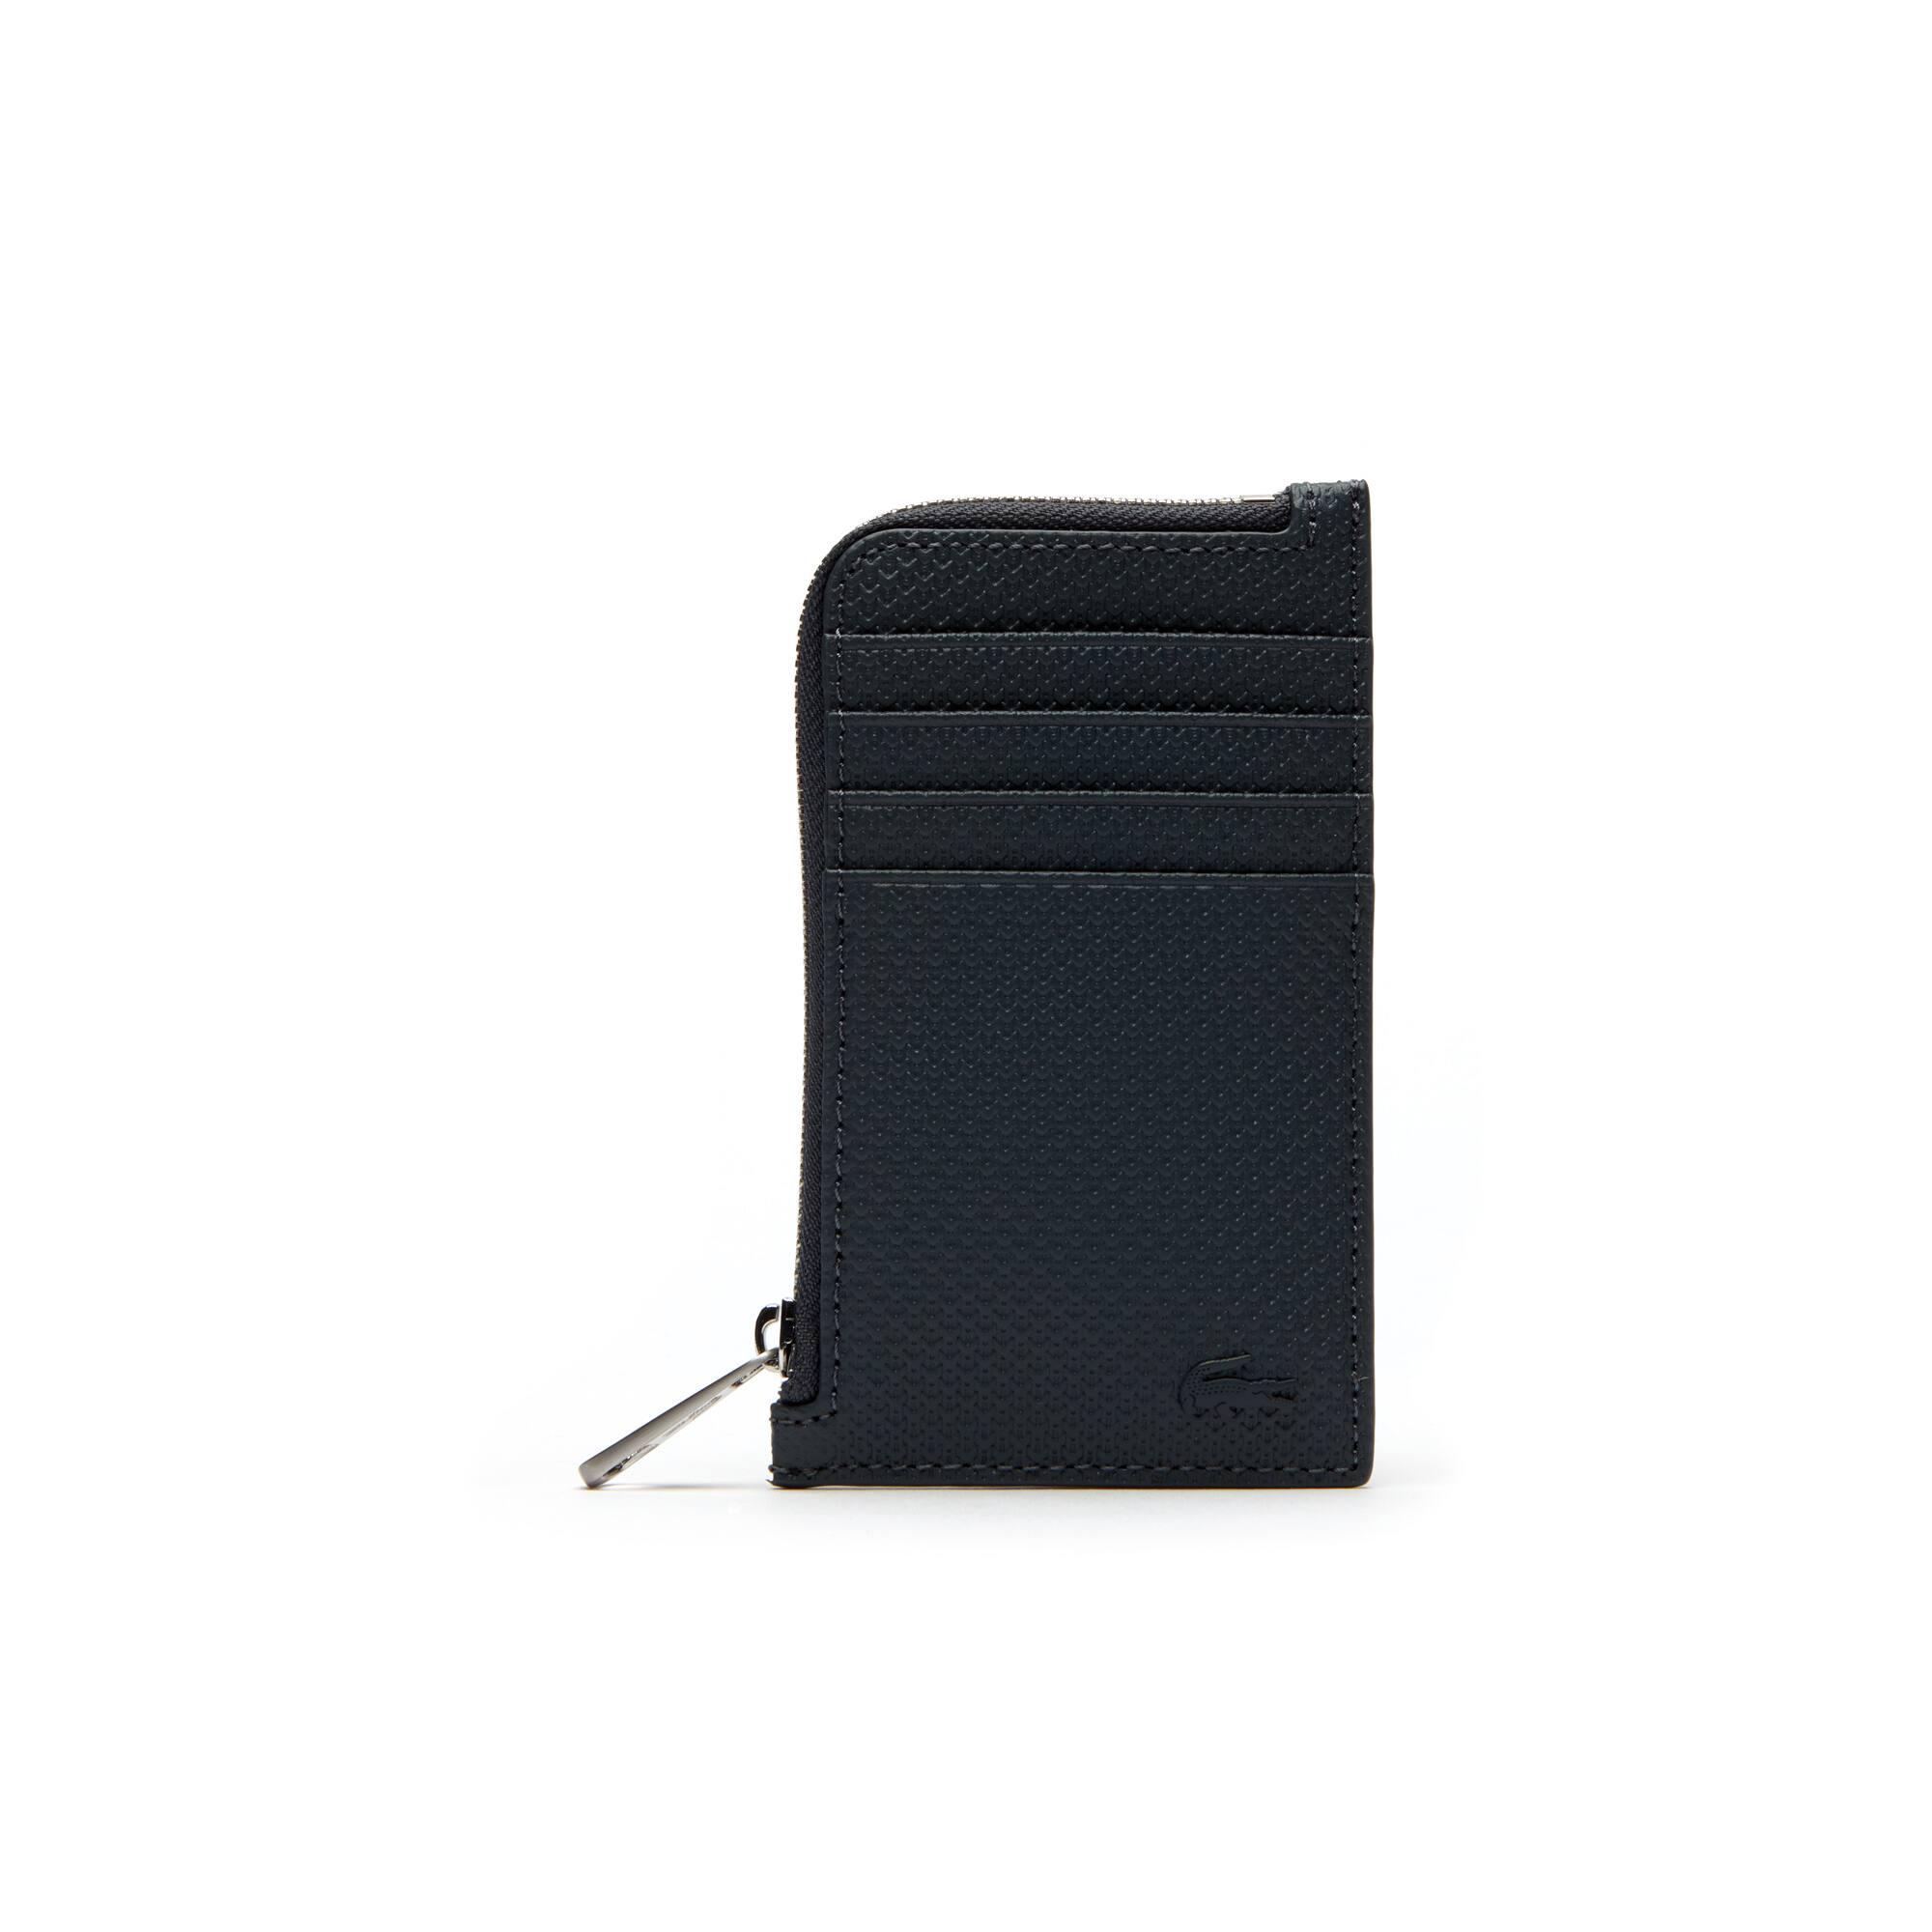 Porta carte di credito con zip Chantaco in pelle opaca a piqué tinta unita